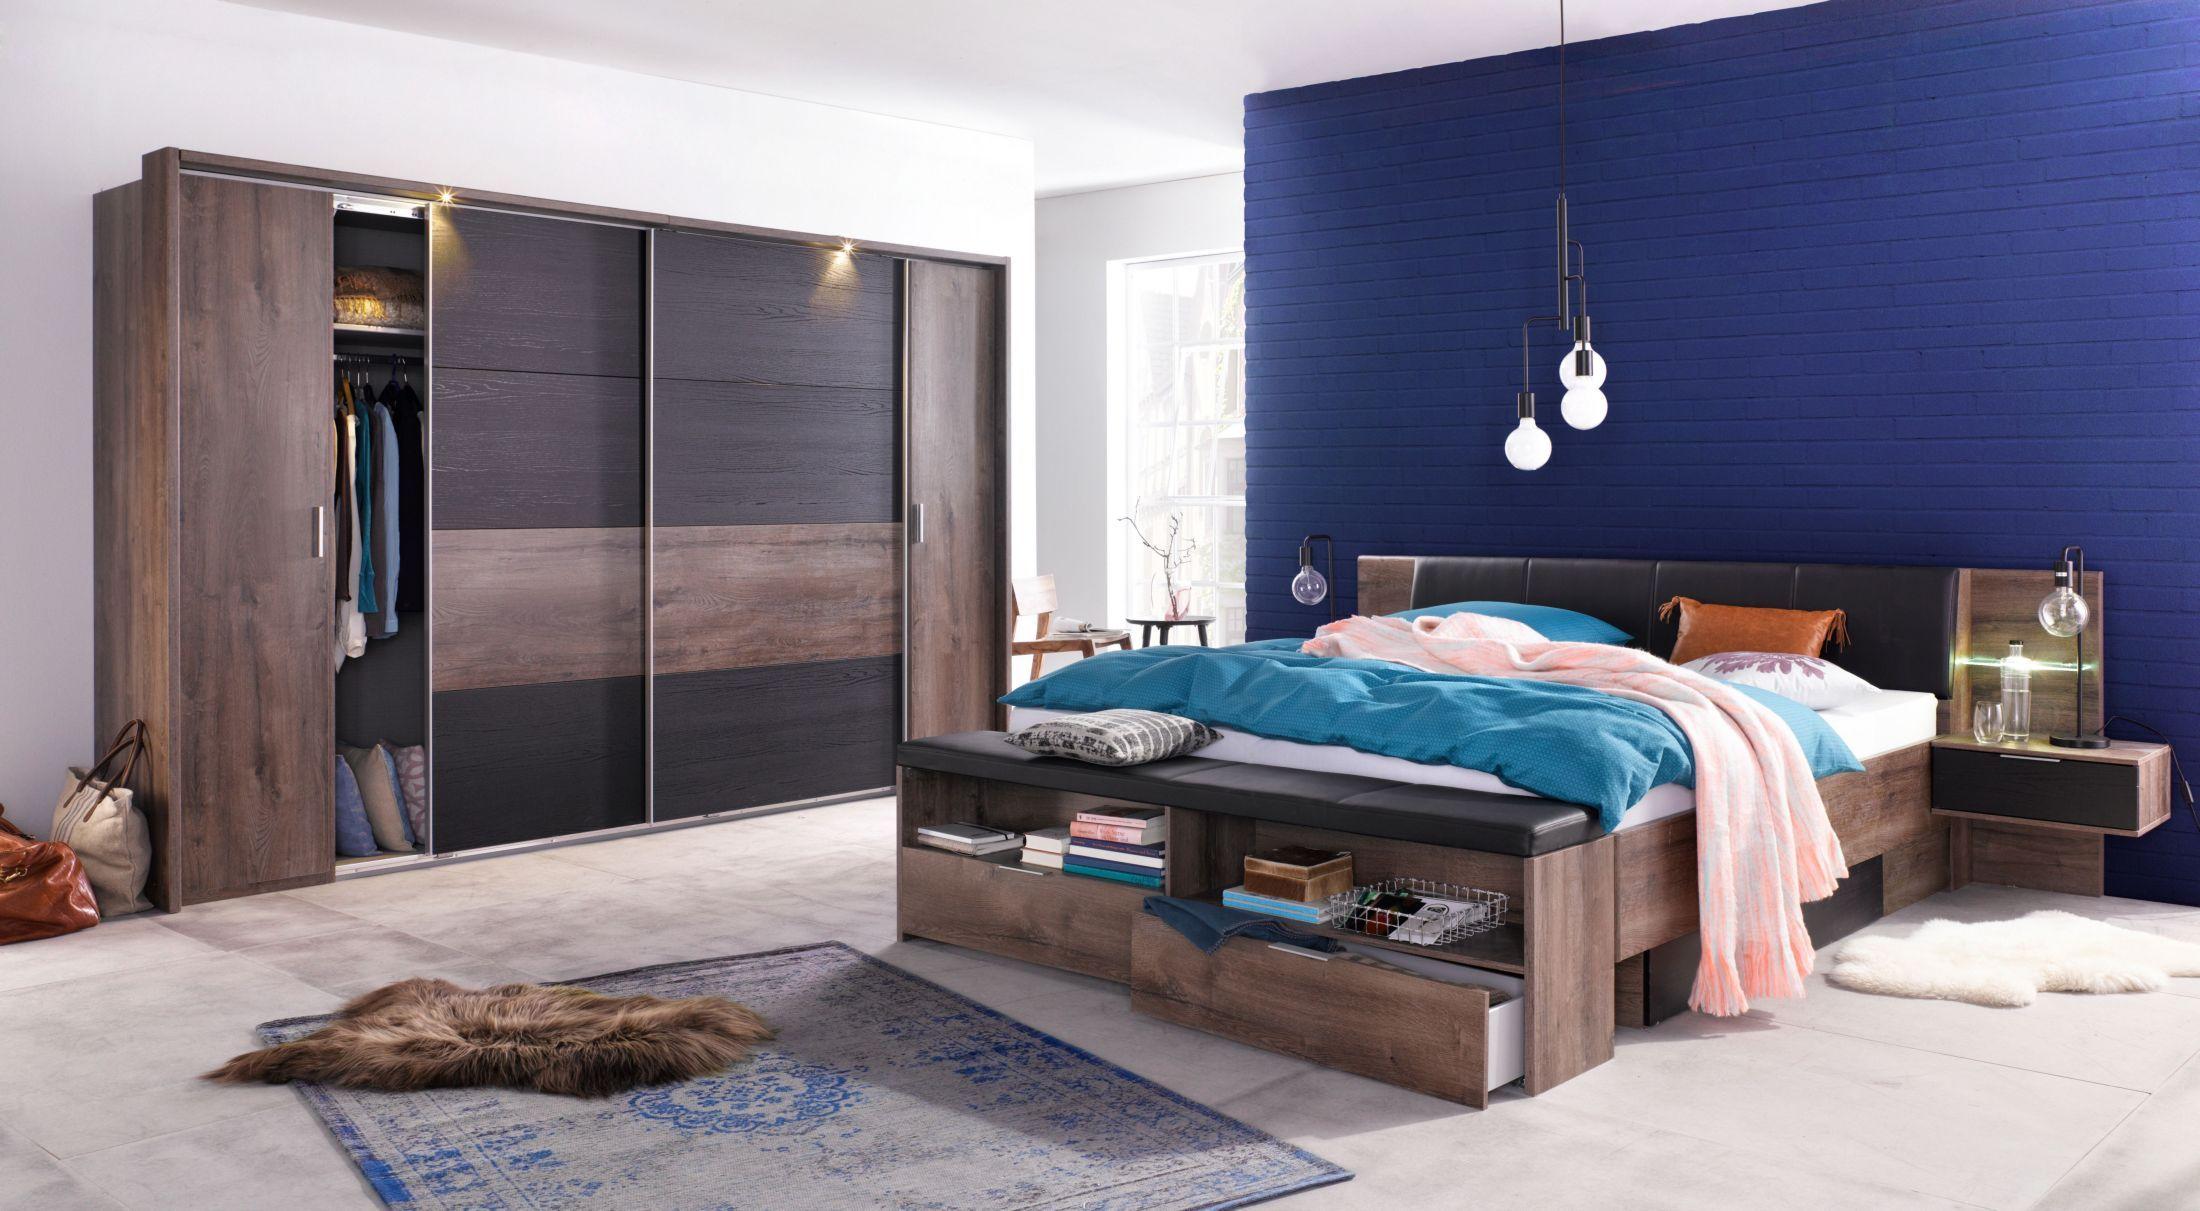 Schlafzimmerschrank massivholz ~ Schön massivholzmöbel schlafzimmer deutsche deko